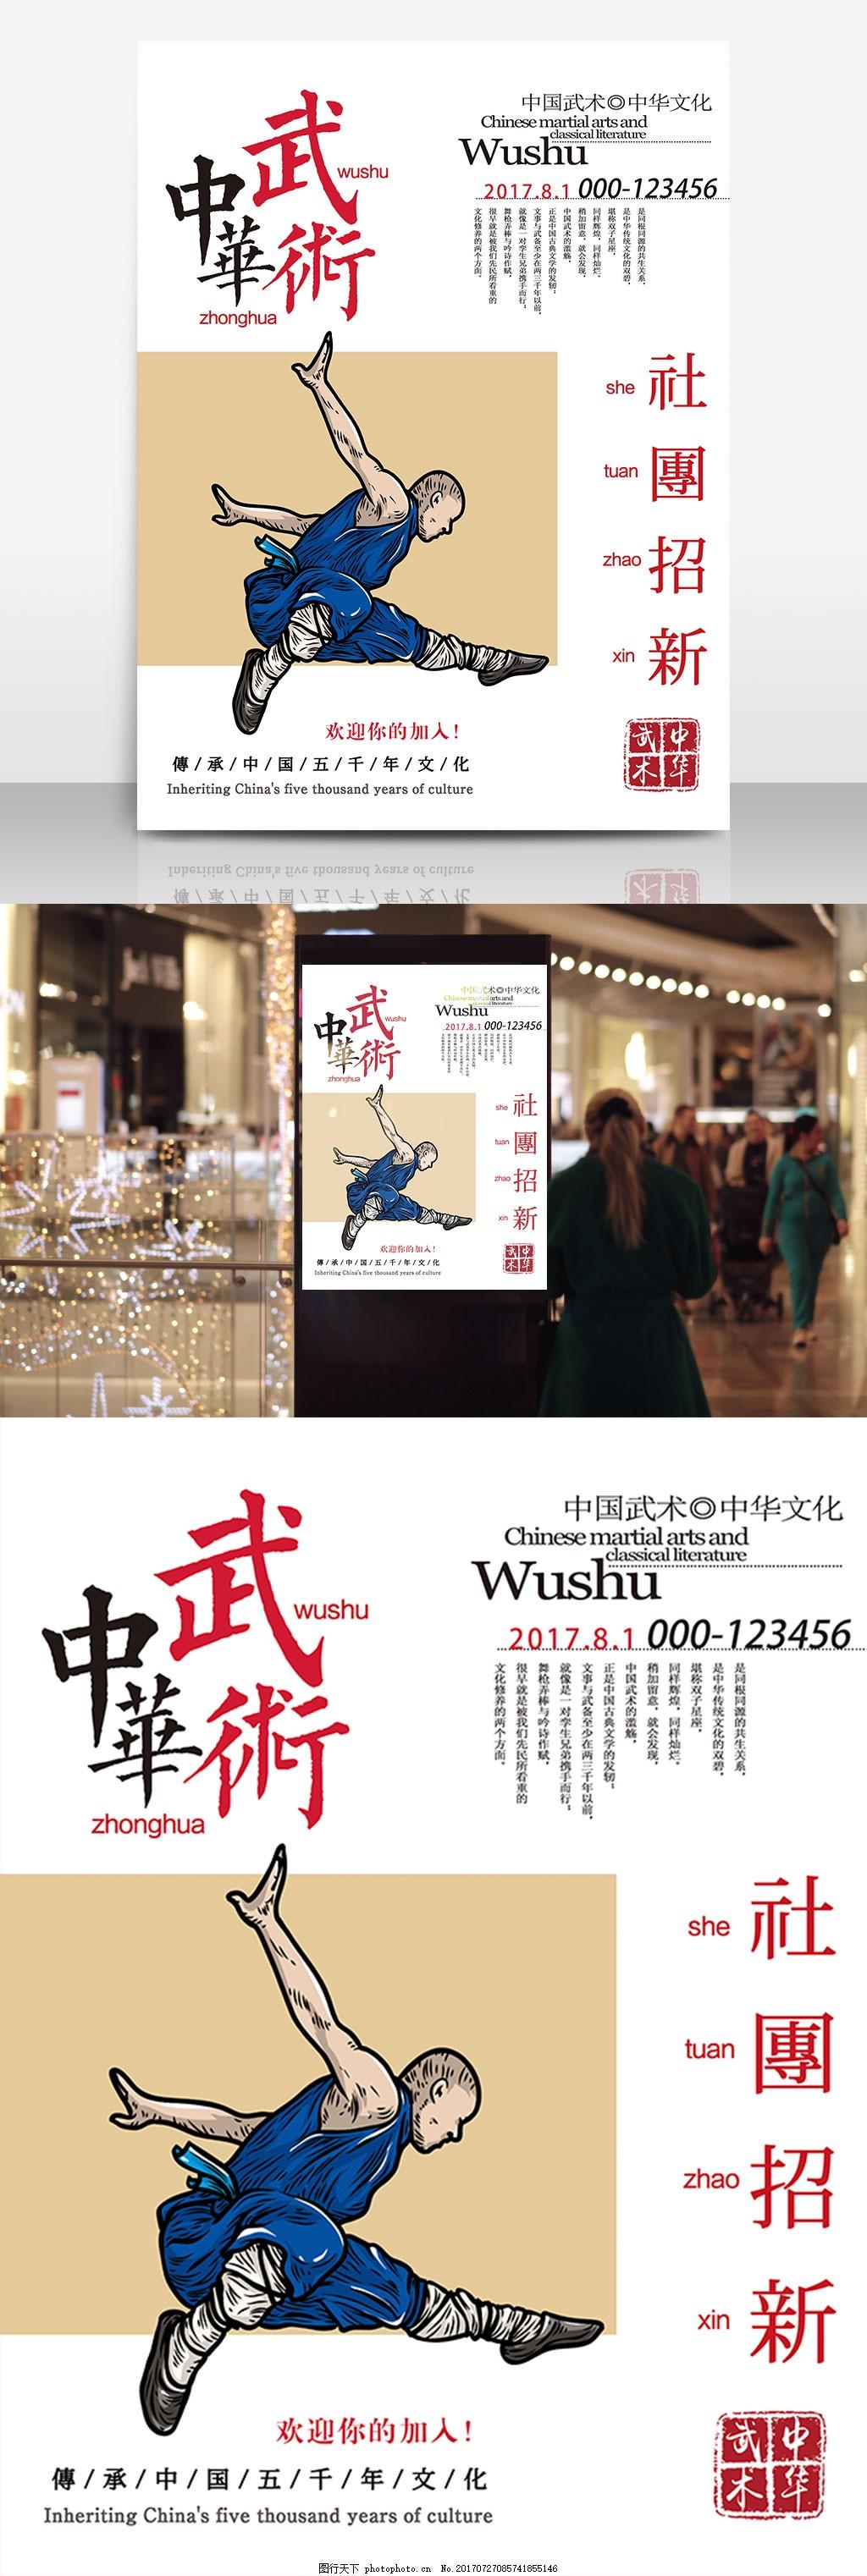 社团招新中华武术宣传海报 手绘 武术 印章 人物 简约 文艺 校园社团